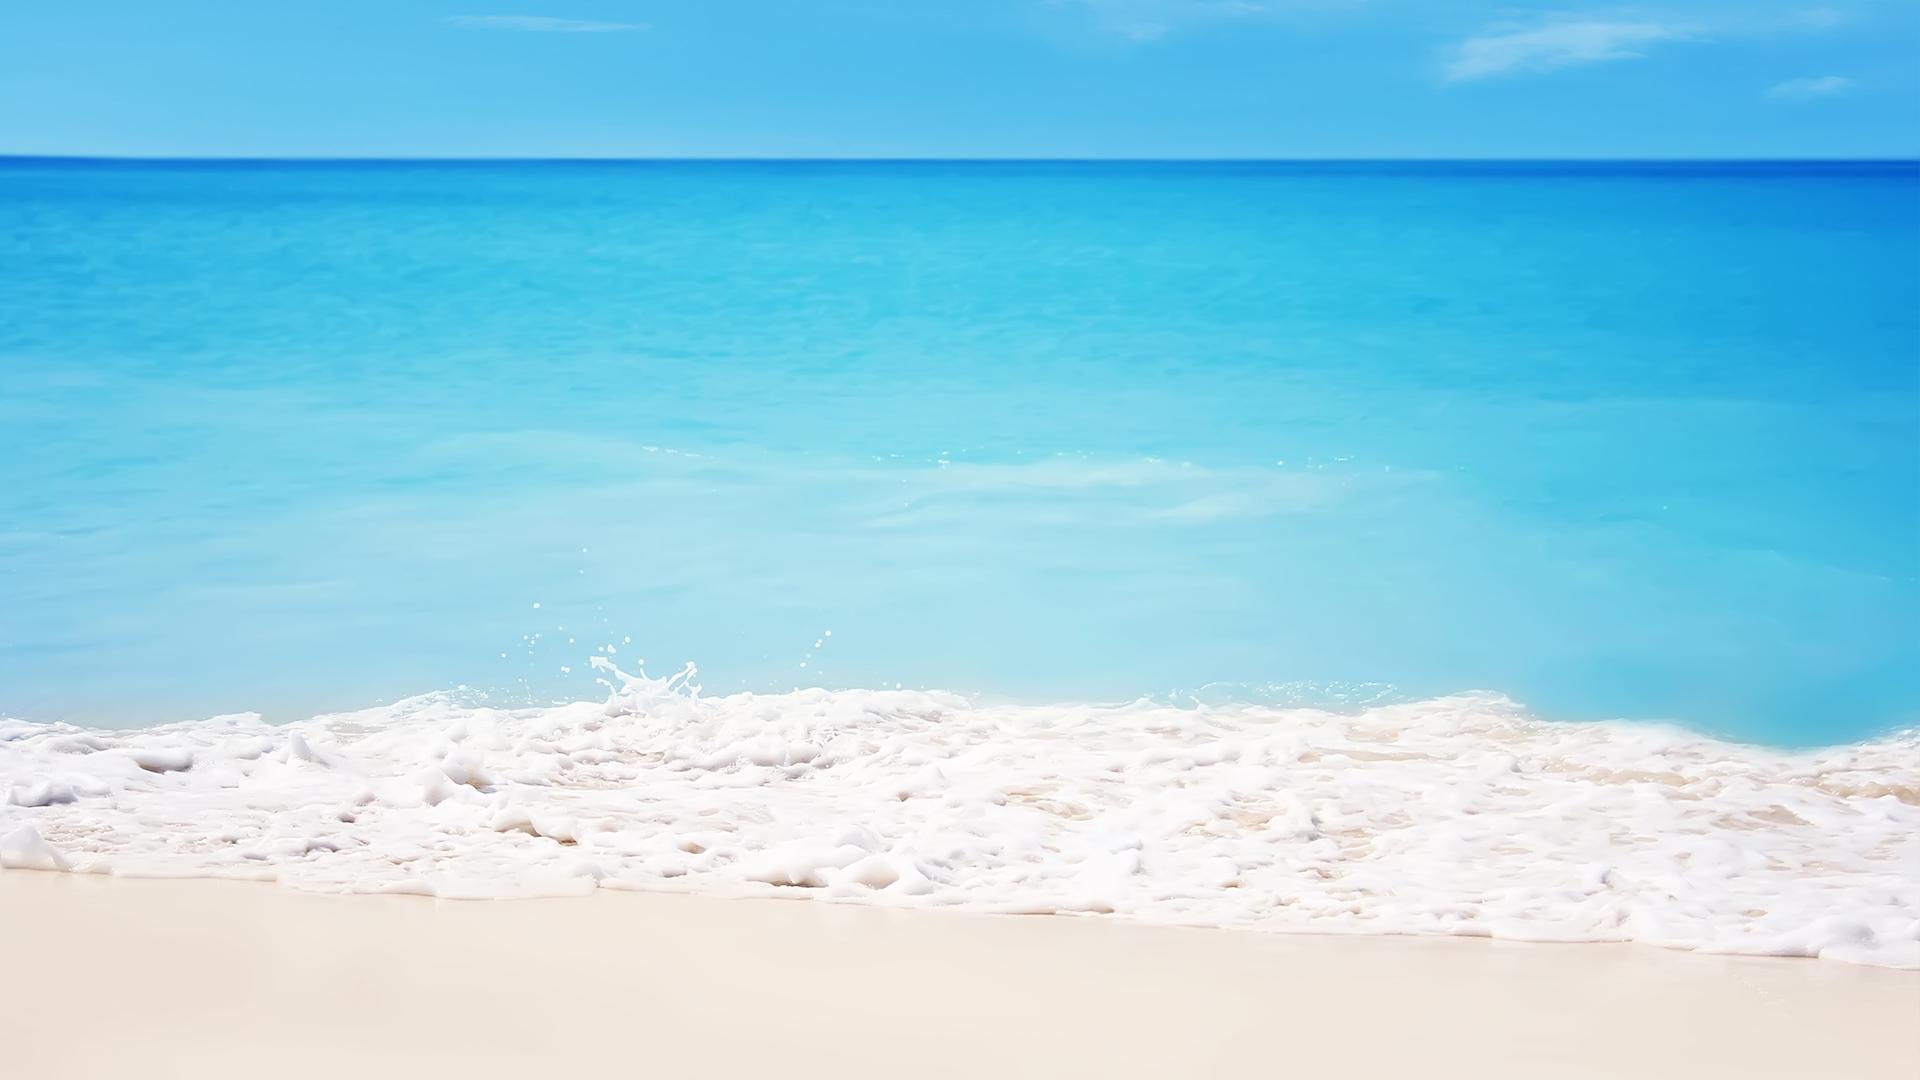 唯美漂亮的大海壁纸图片